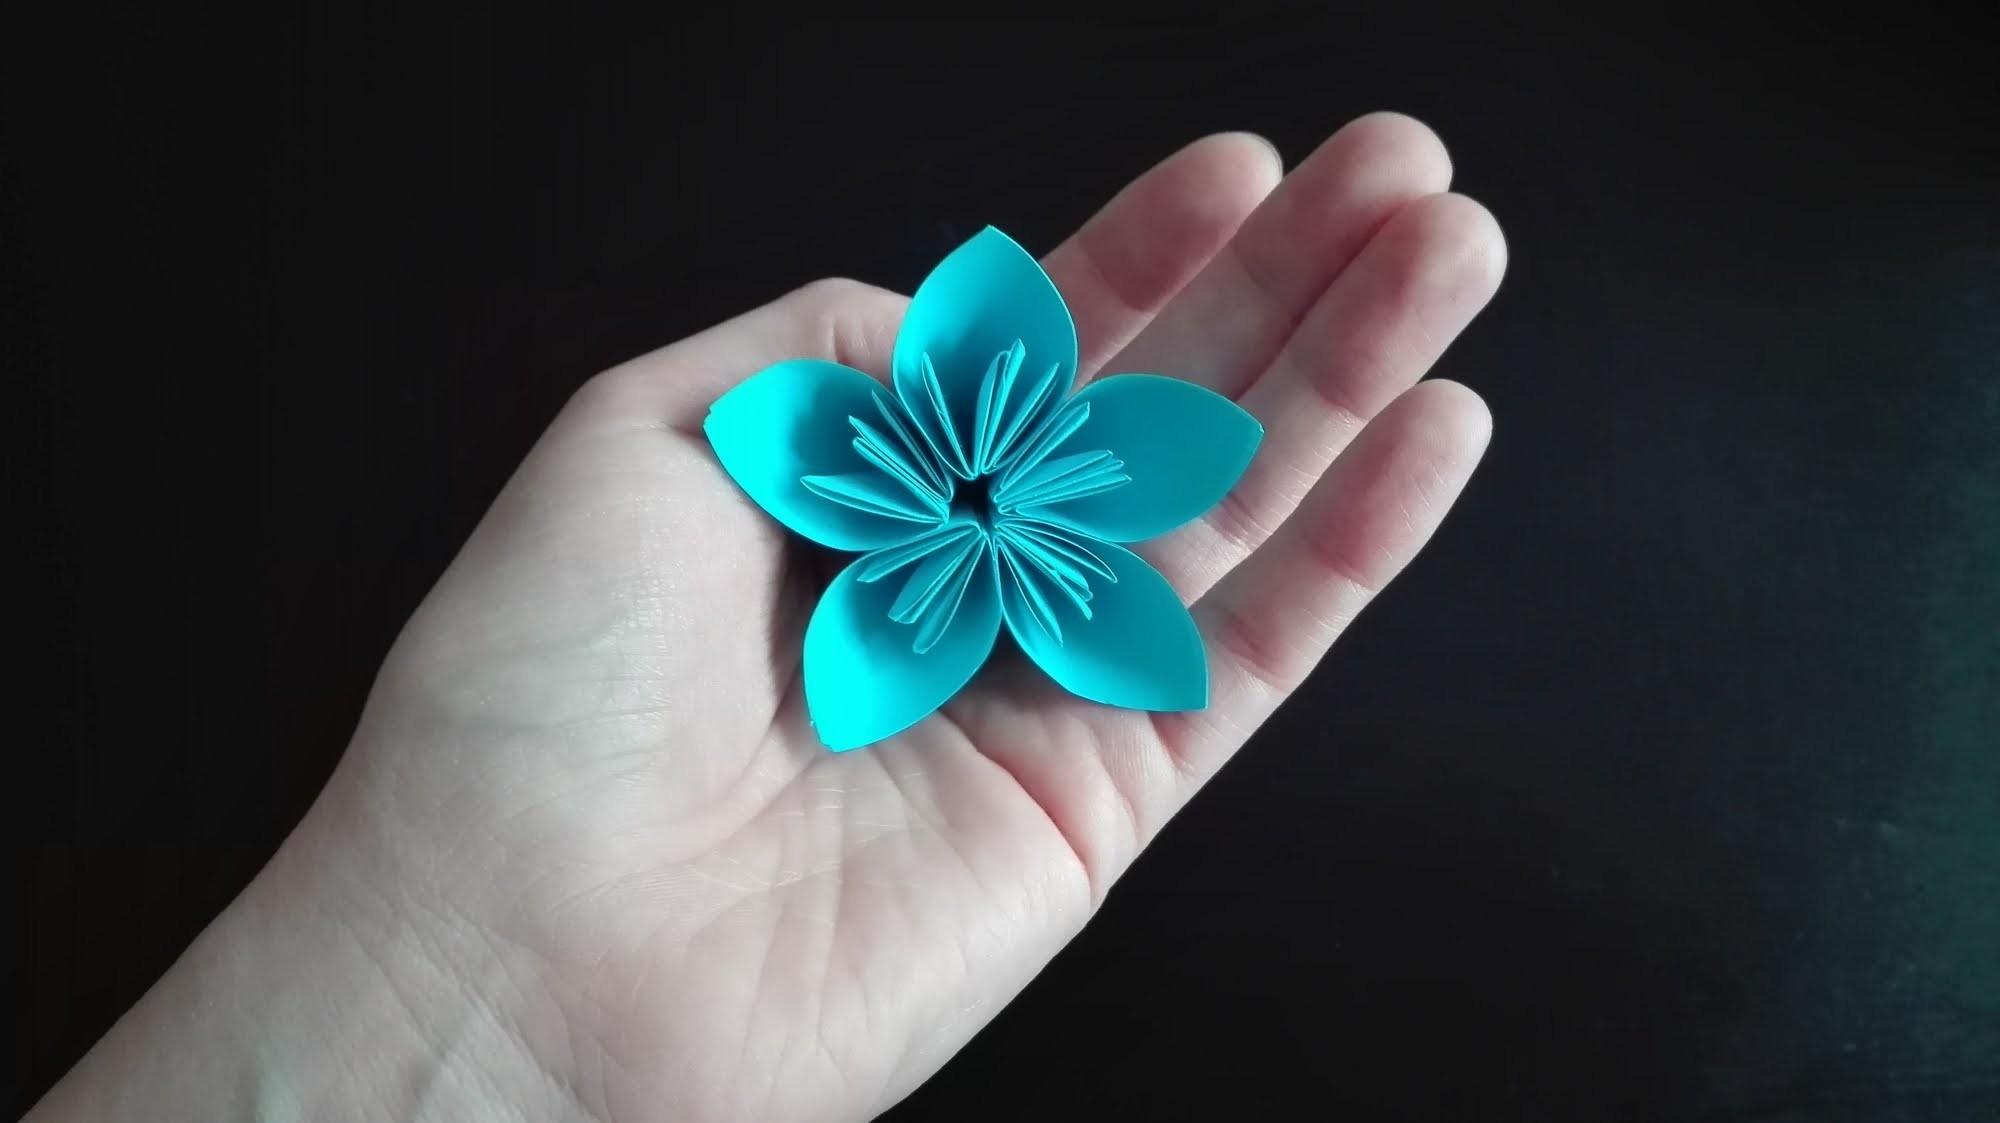 Jak zrobić kwiat kusudama. How to make a kusudama flower